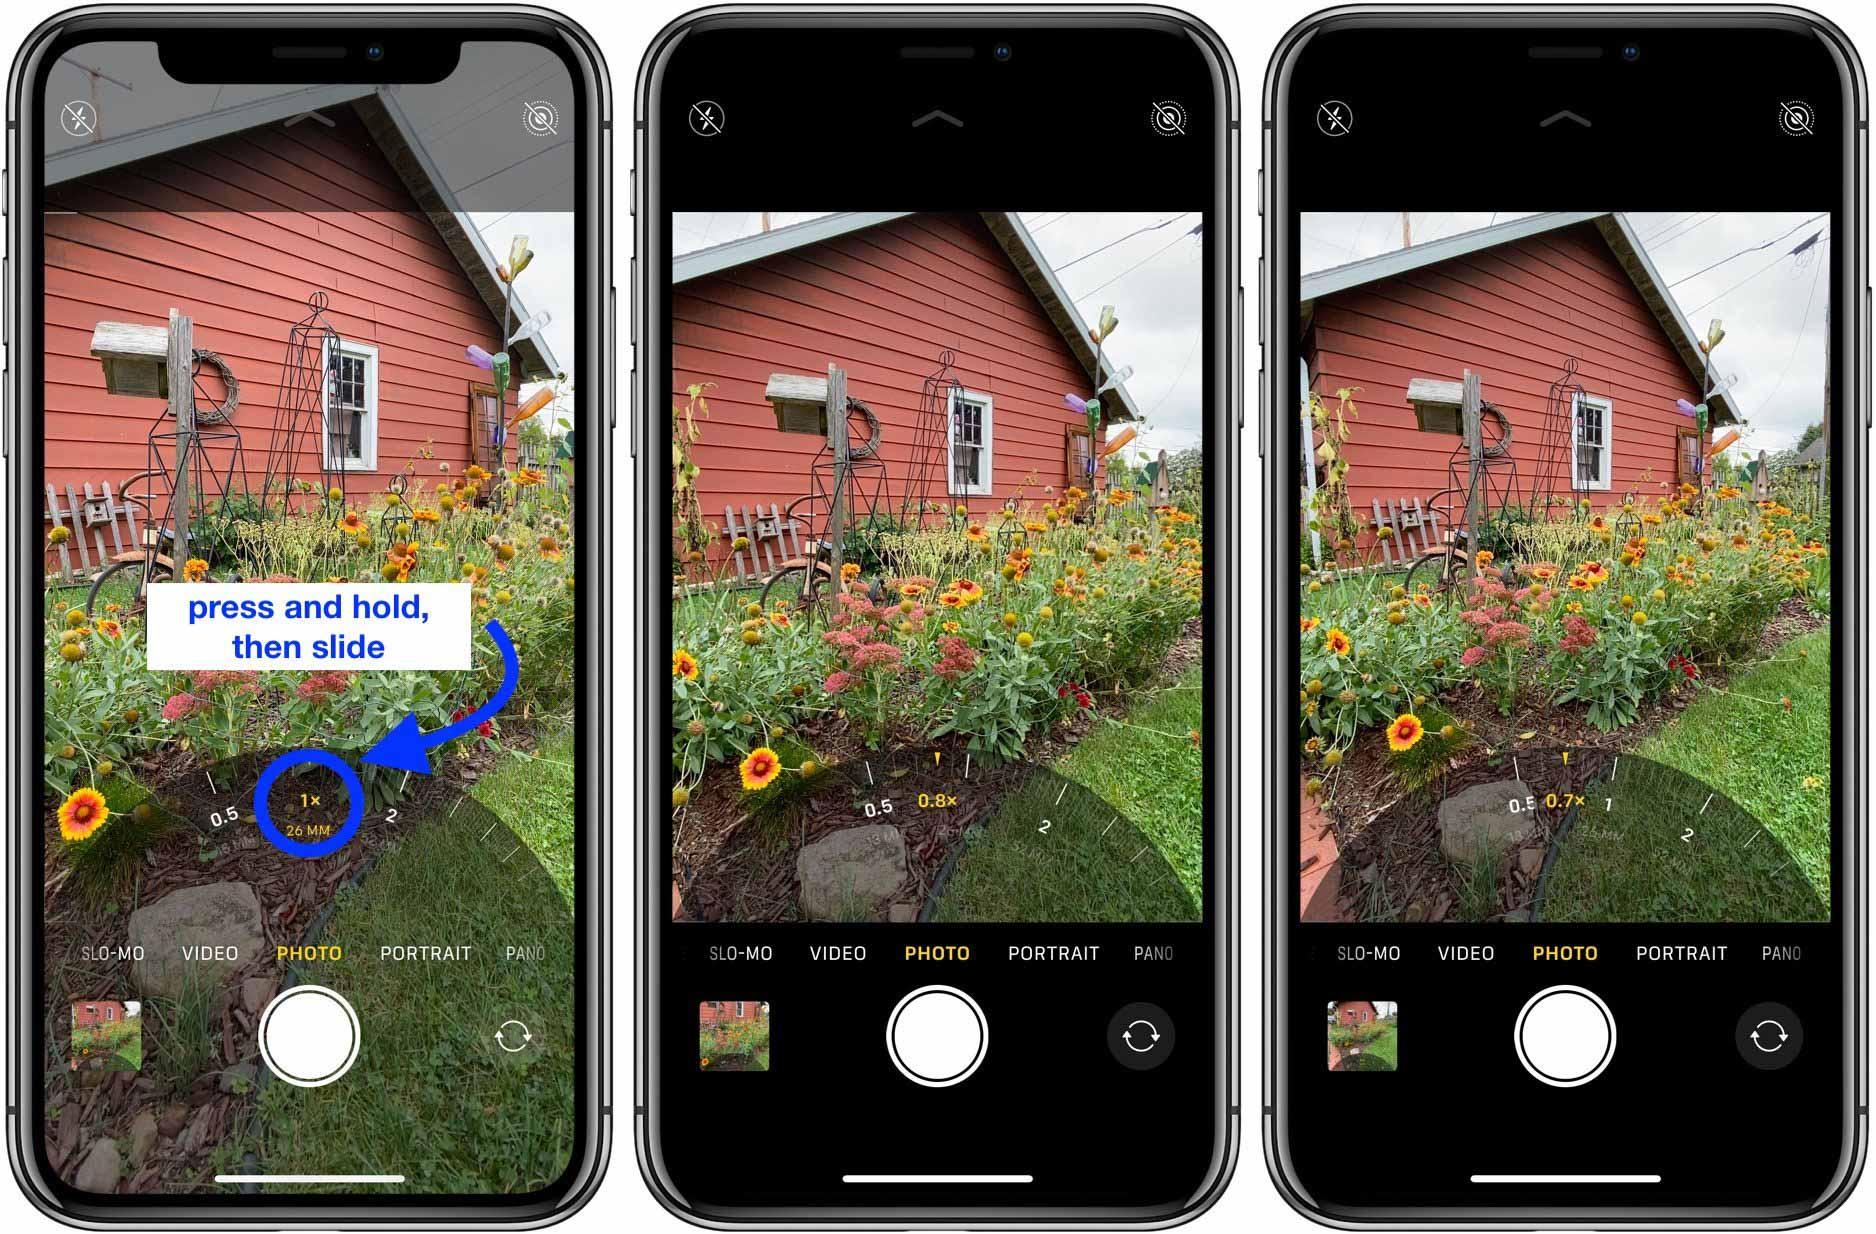 Как использовать сверхширокоугольную камеру на iPhone 11 и 11 Pro, пошаговое руководство 2